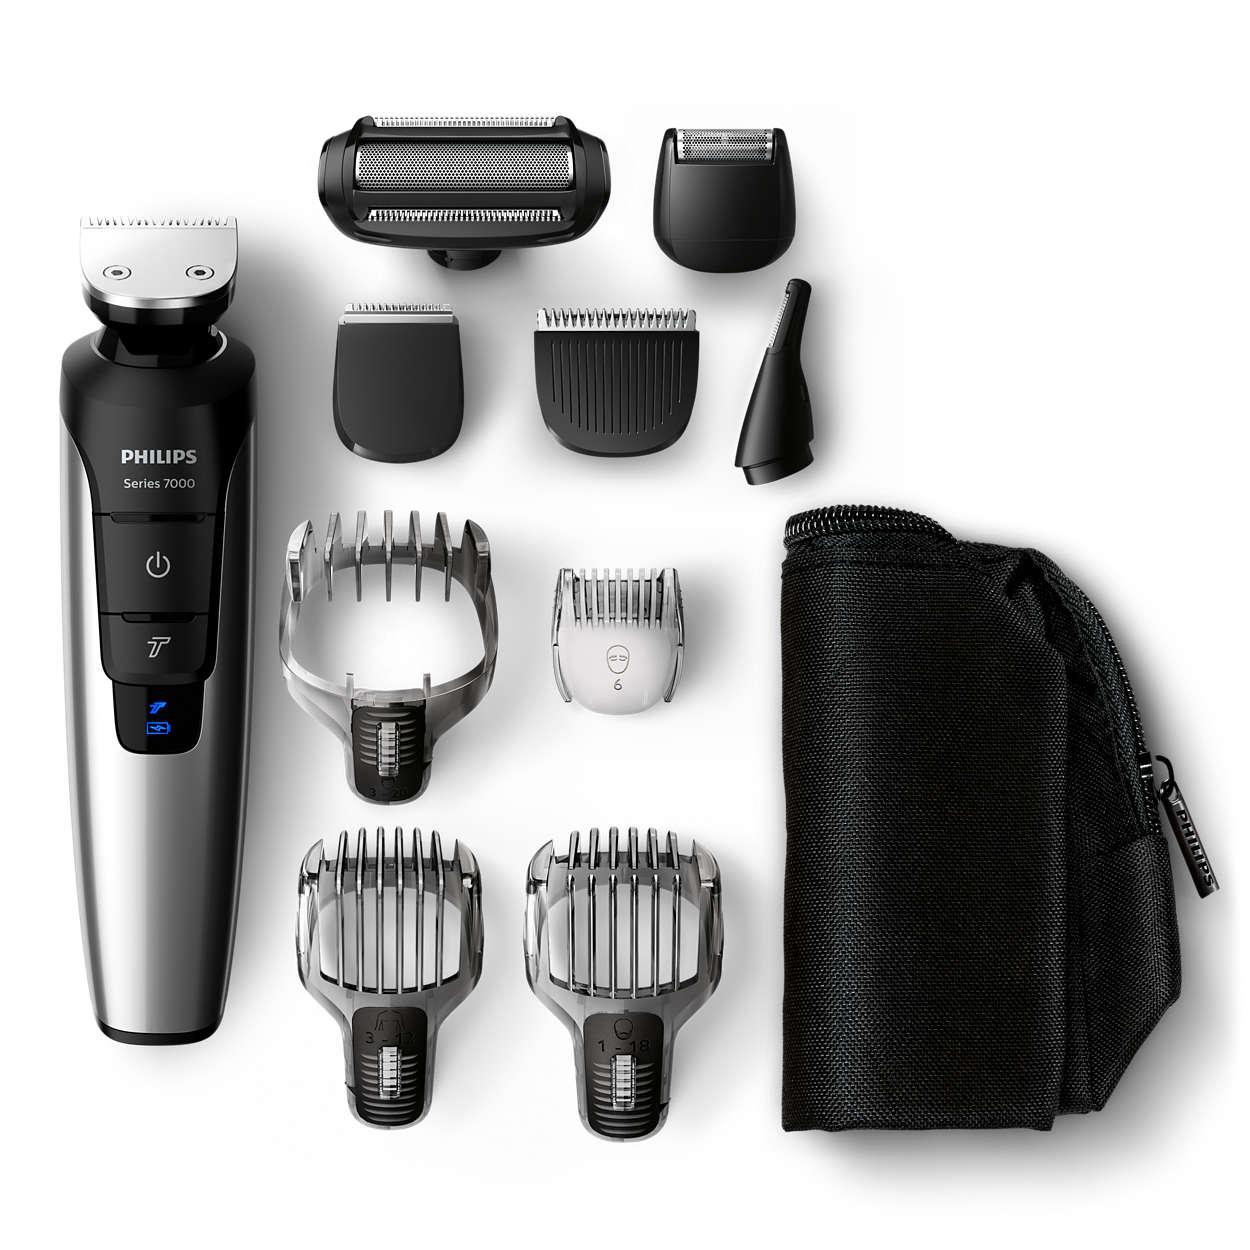 Tondeuse à barbe, cheveux et corps tout-en-un lithium-ion